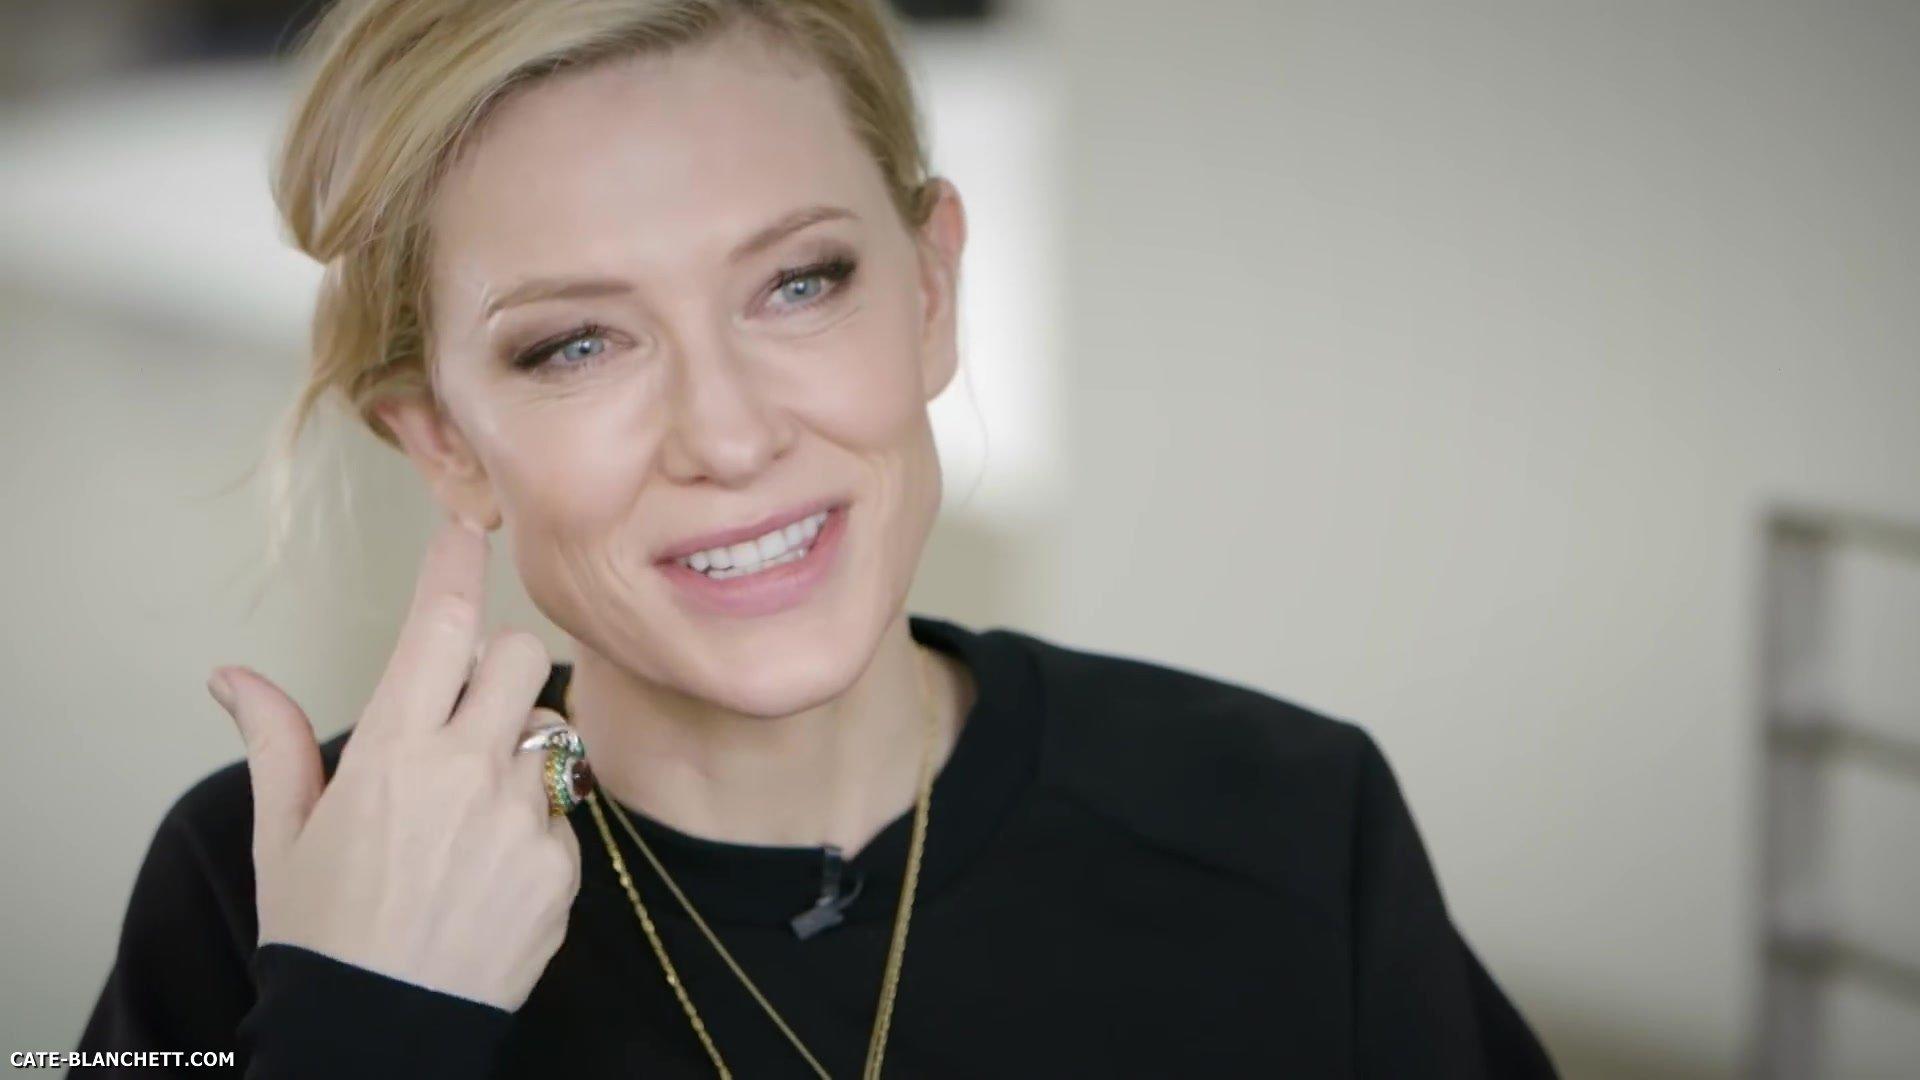 Cate Blanchett on her 'Ocean's 8' character